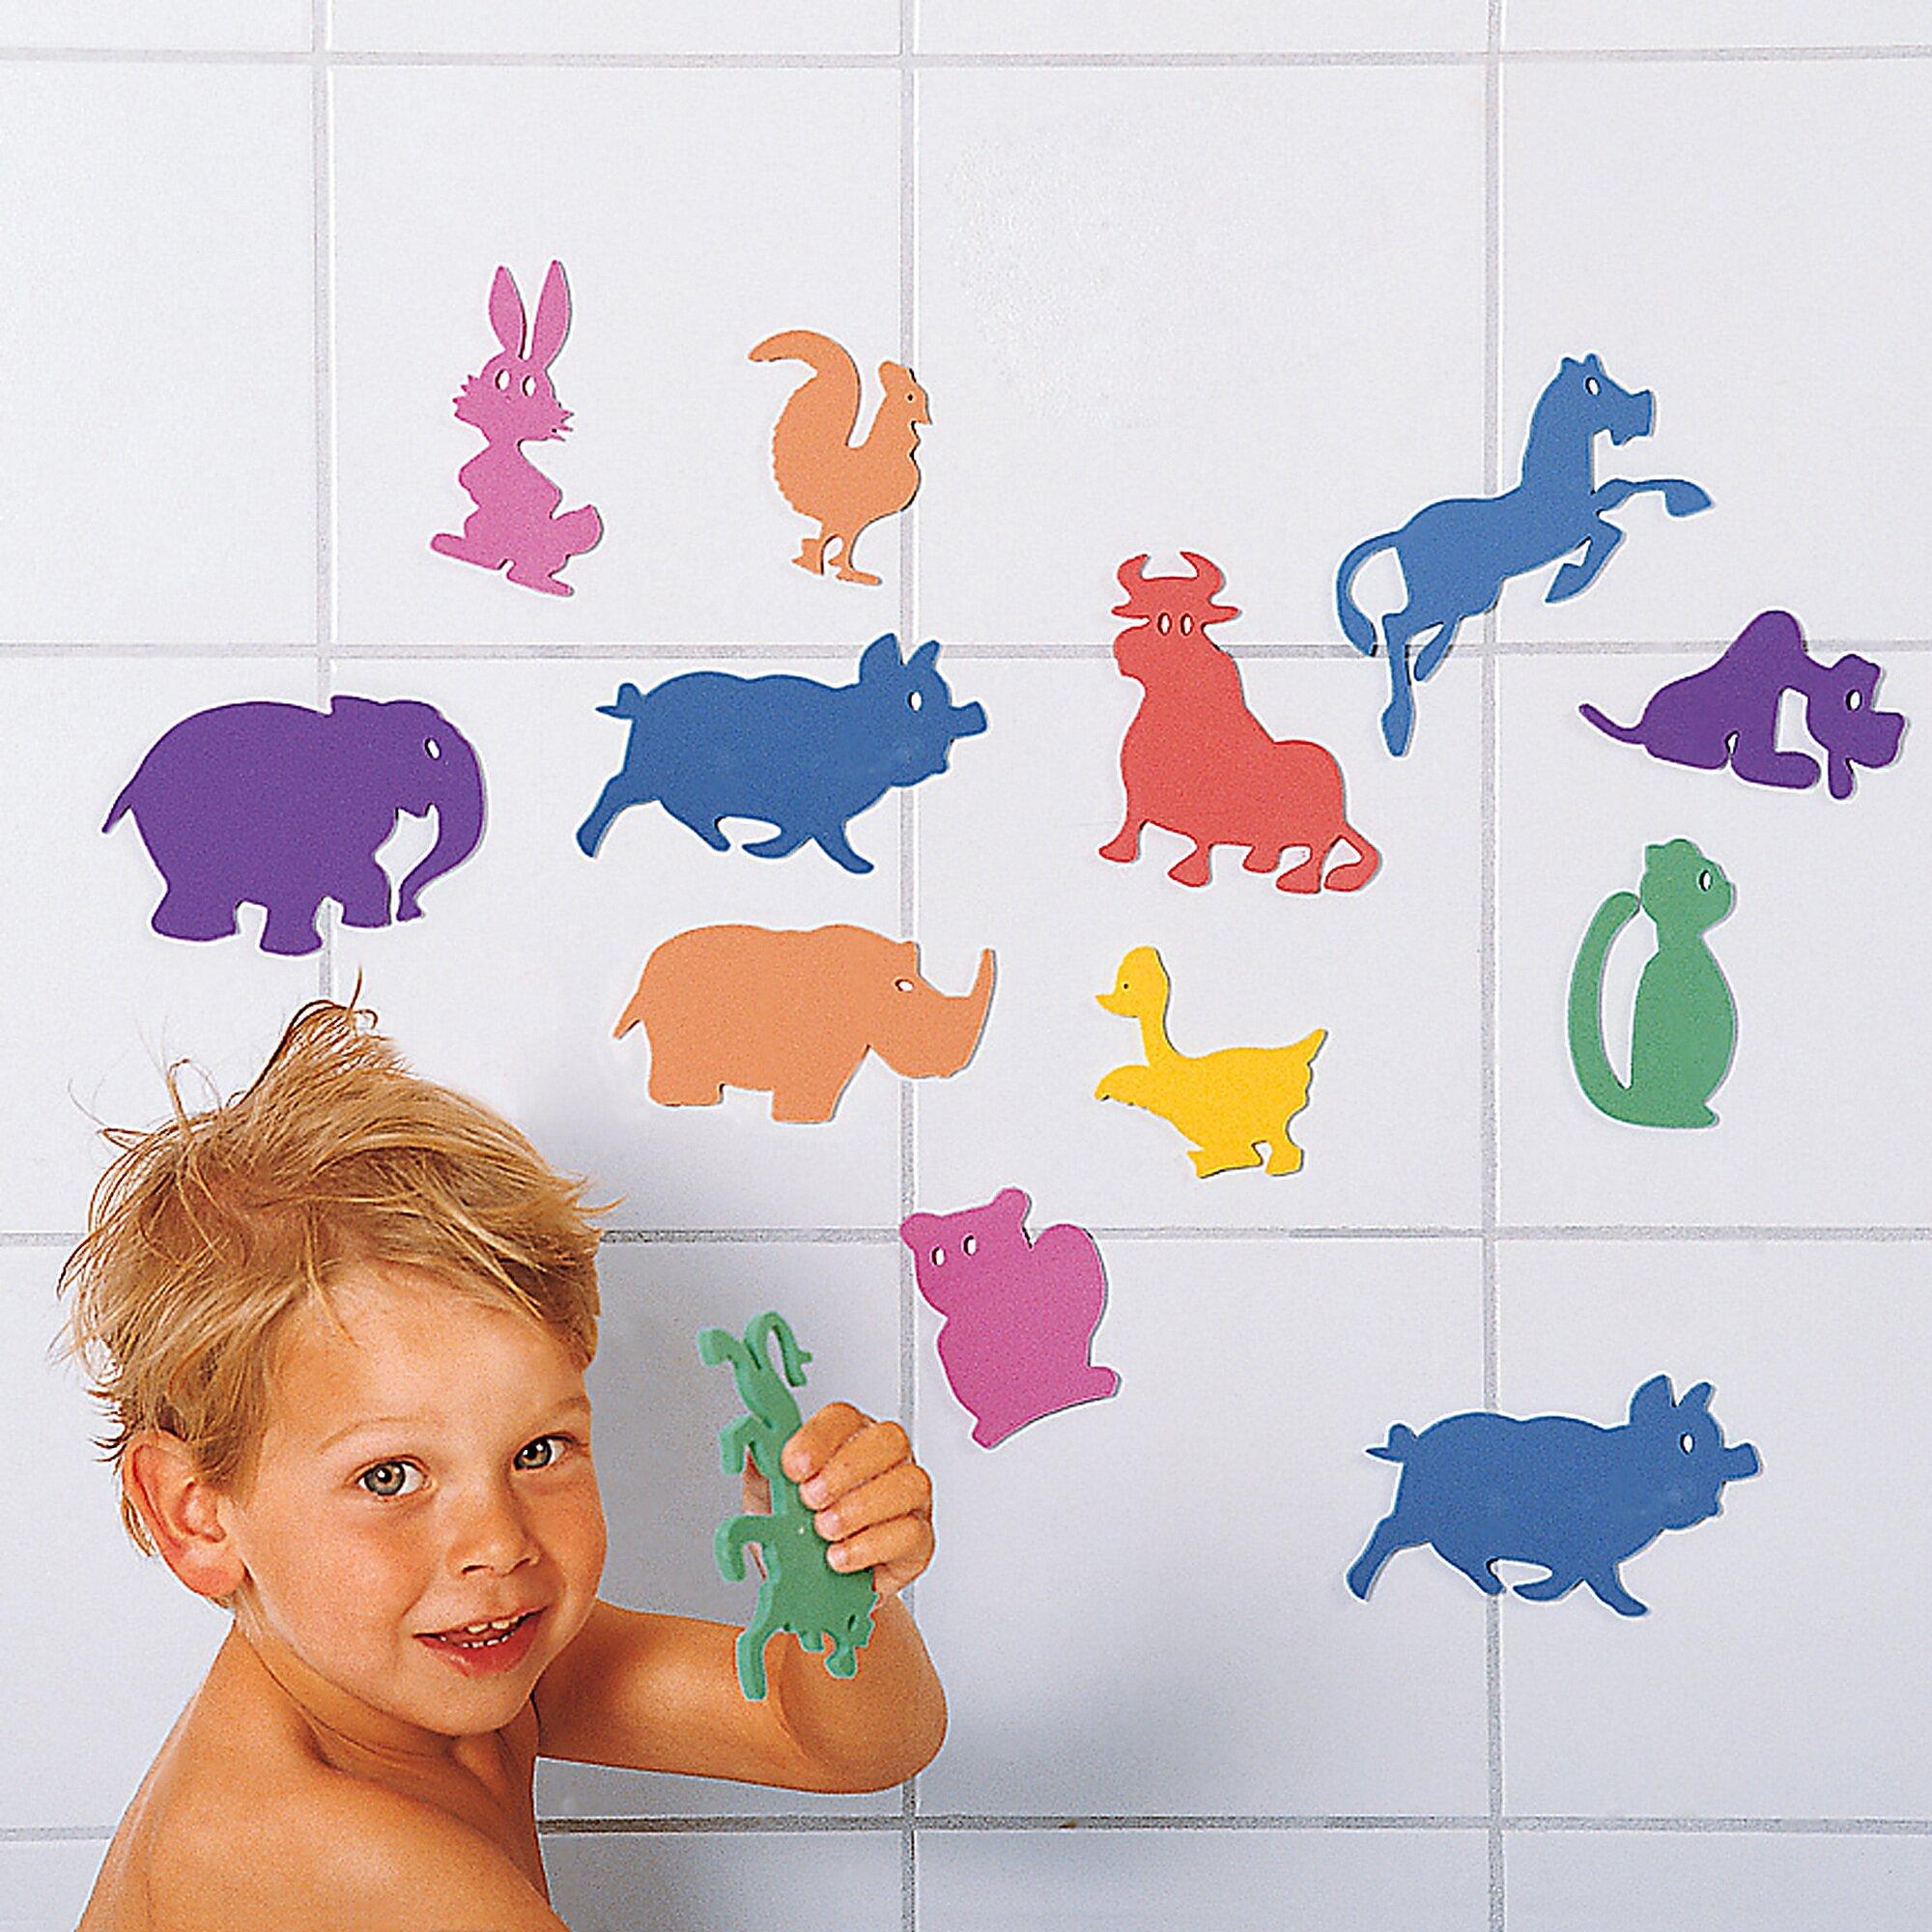 Jouets de bain sport ext rieur page n 7 - Autocollant pour baignoire ...